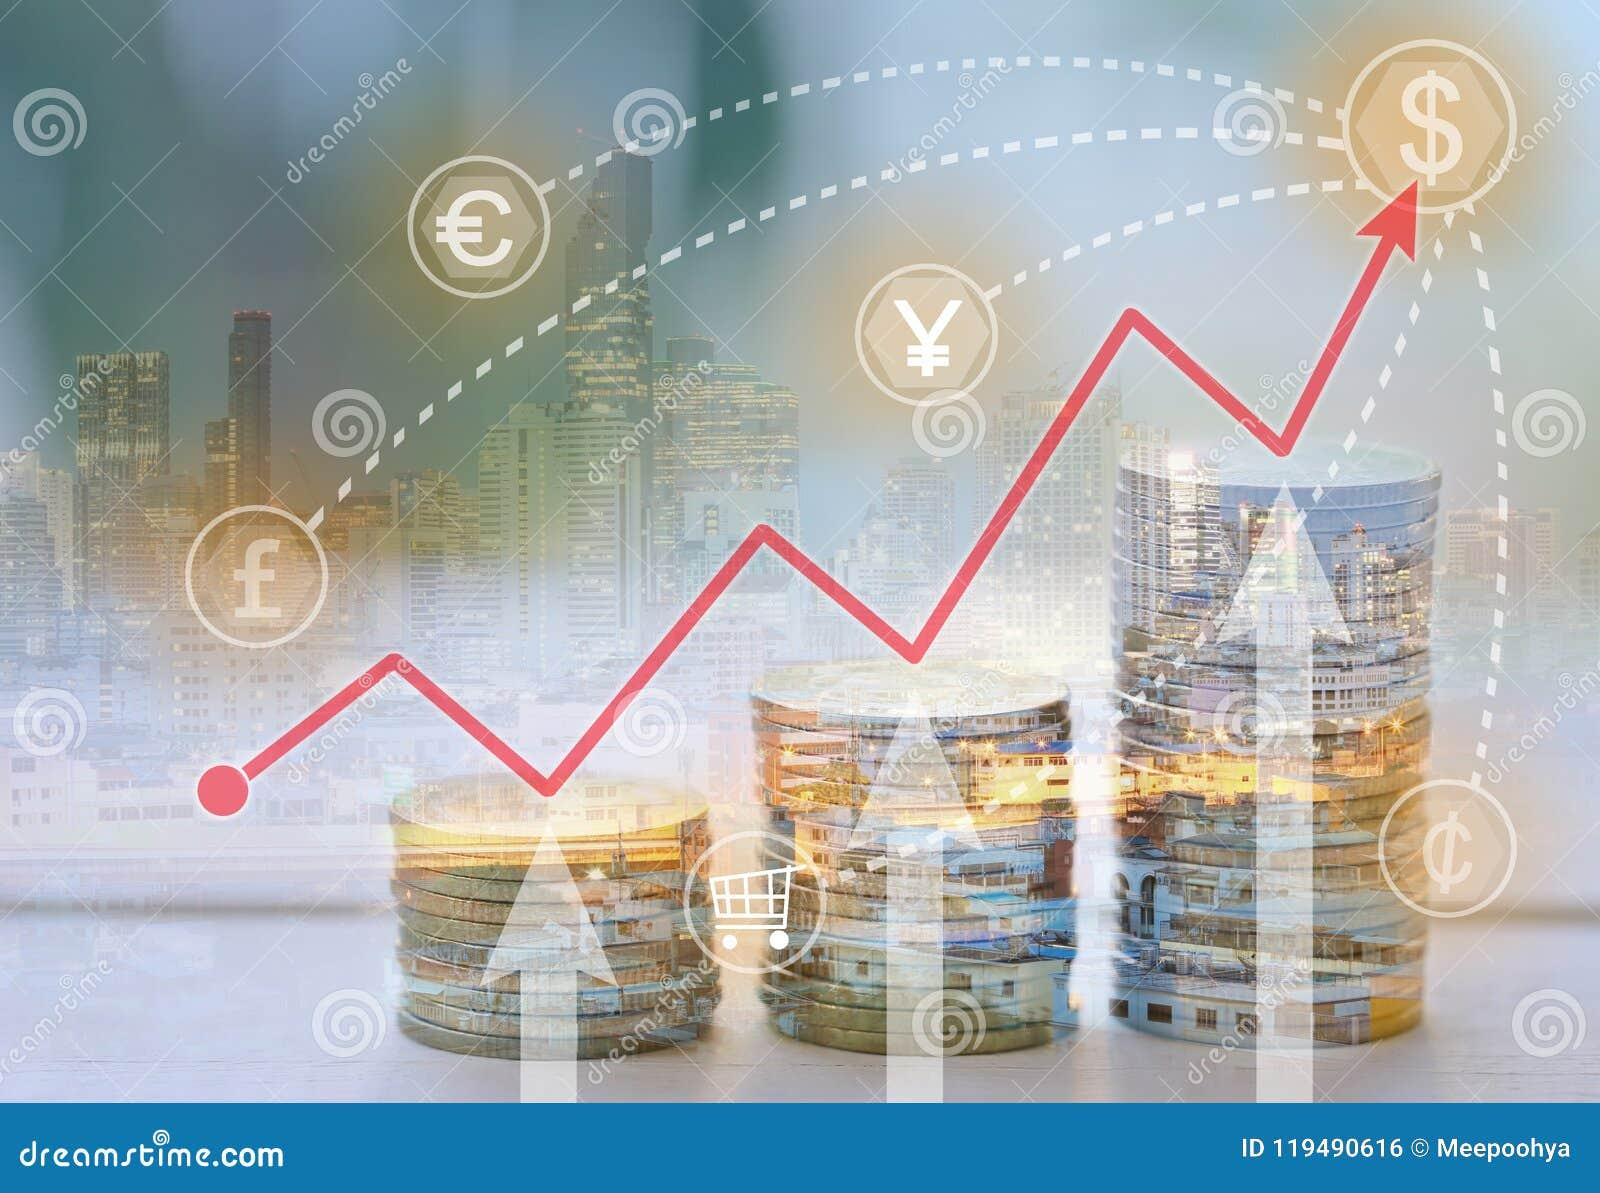 Concept zaken over geld en winsten in investeringshandel